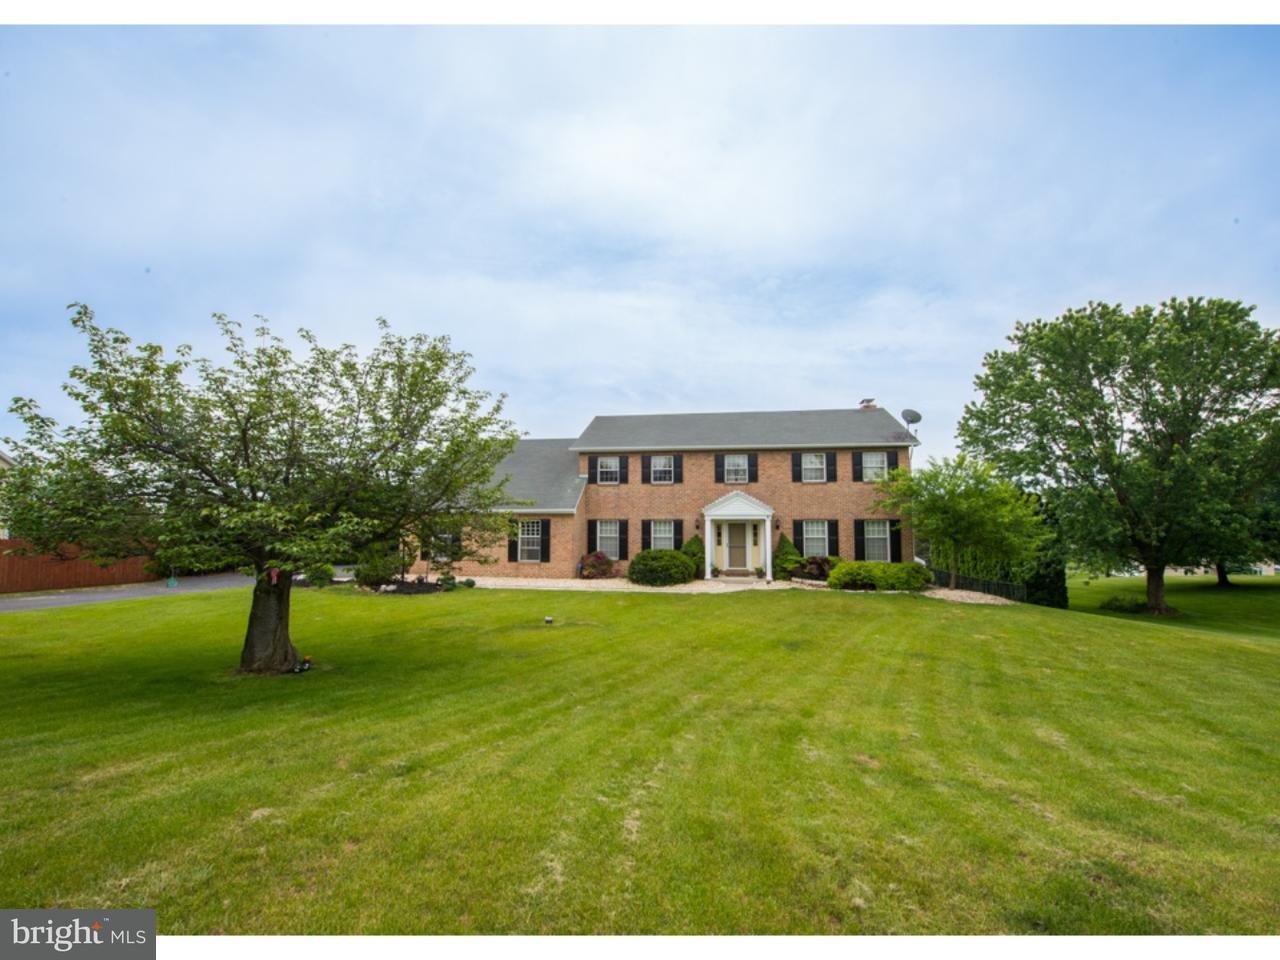 Maison unifamiliale pour l Vente à 2770 BRIDLE PATH Road Slatington, Pennsylvanie 18080 États-Unis